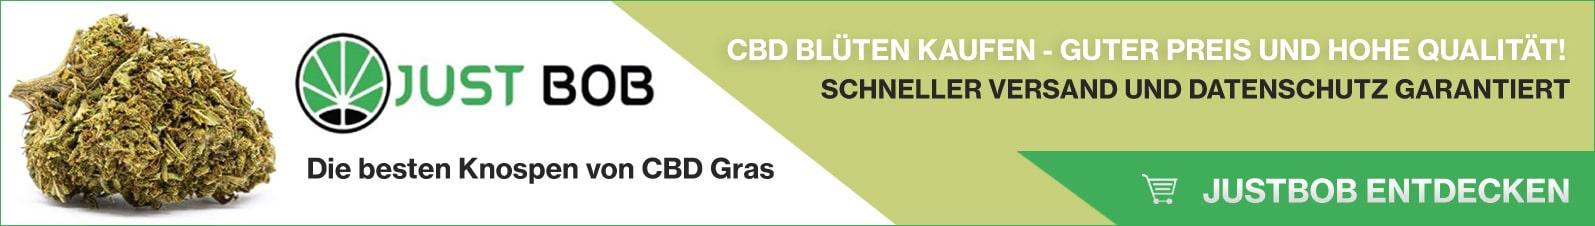 Banner Justbob CBD blüten kaufen